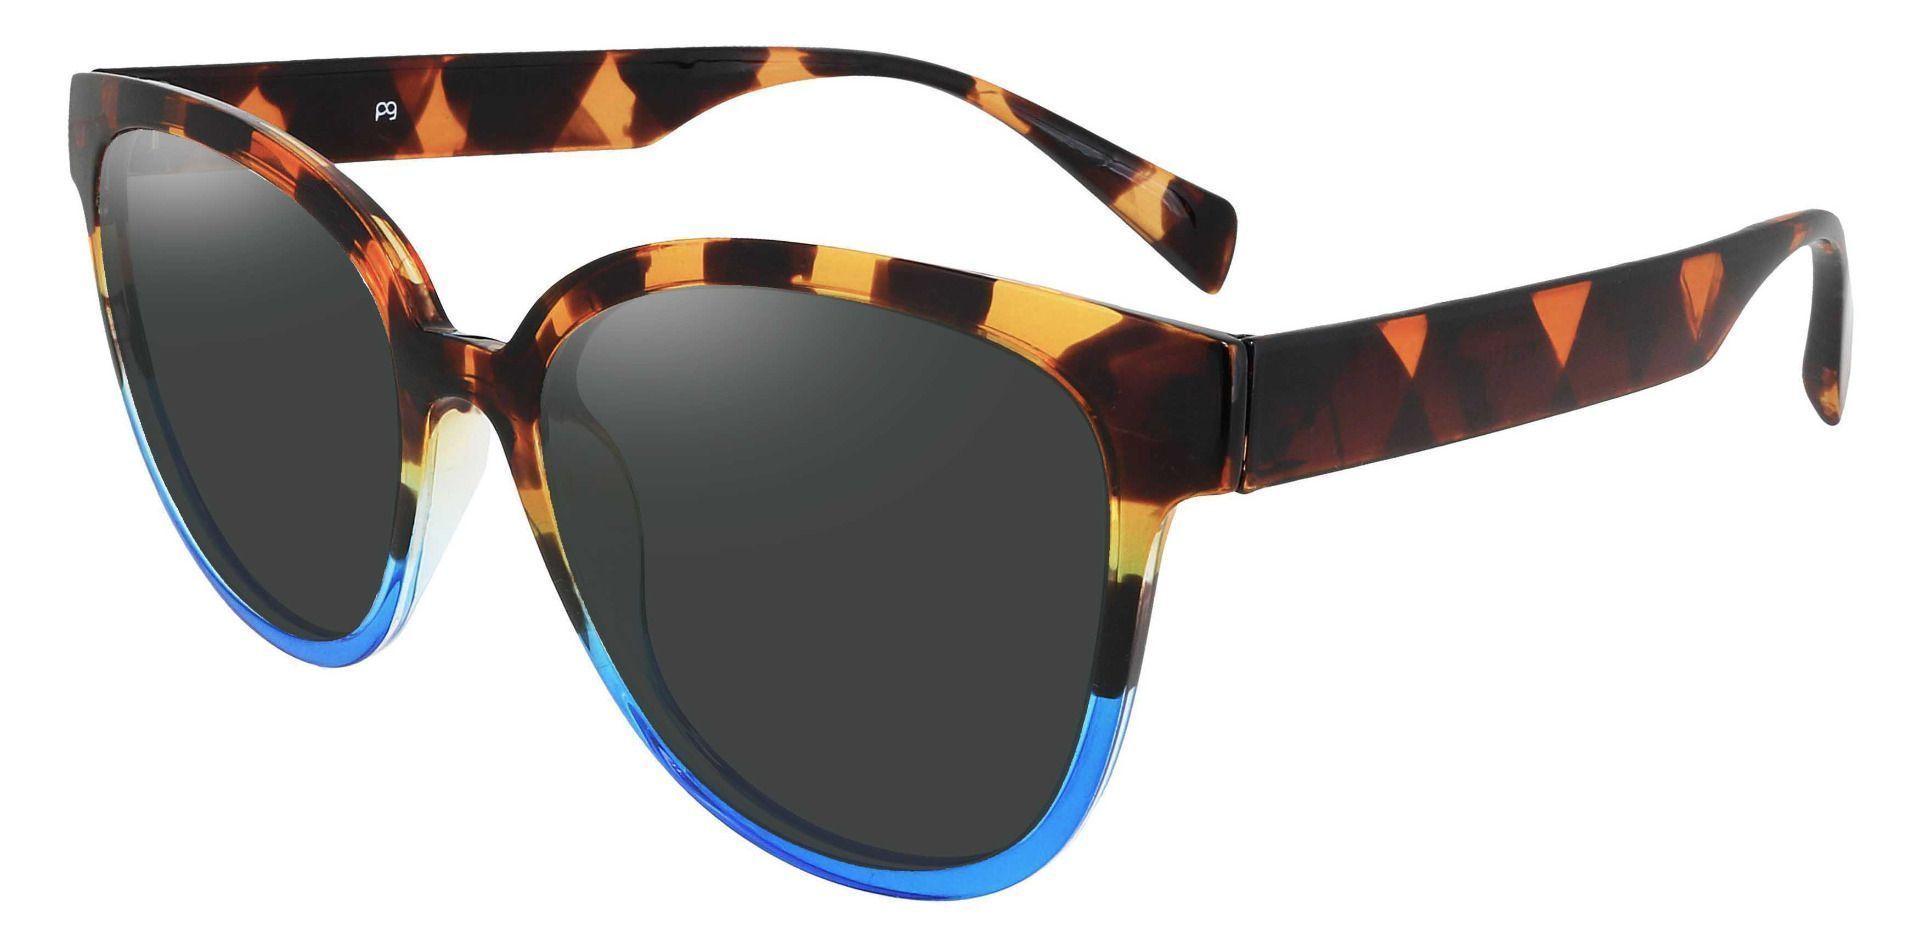 Newport Oval Prescription Sunglasses - Tortoise Frame With Gray Lenses